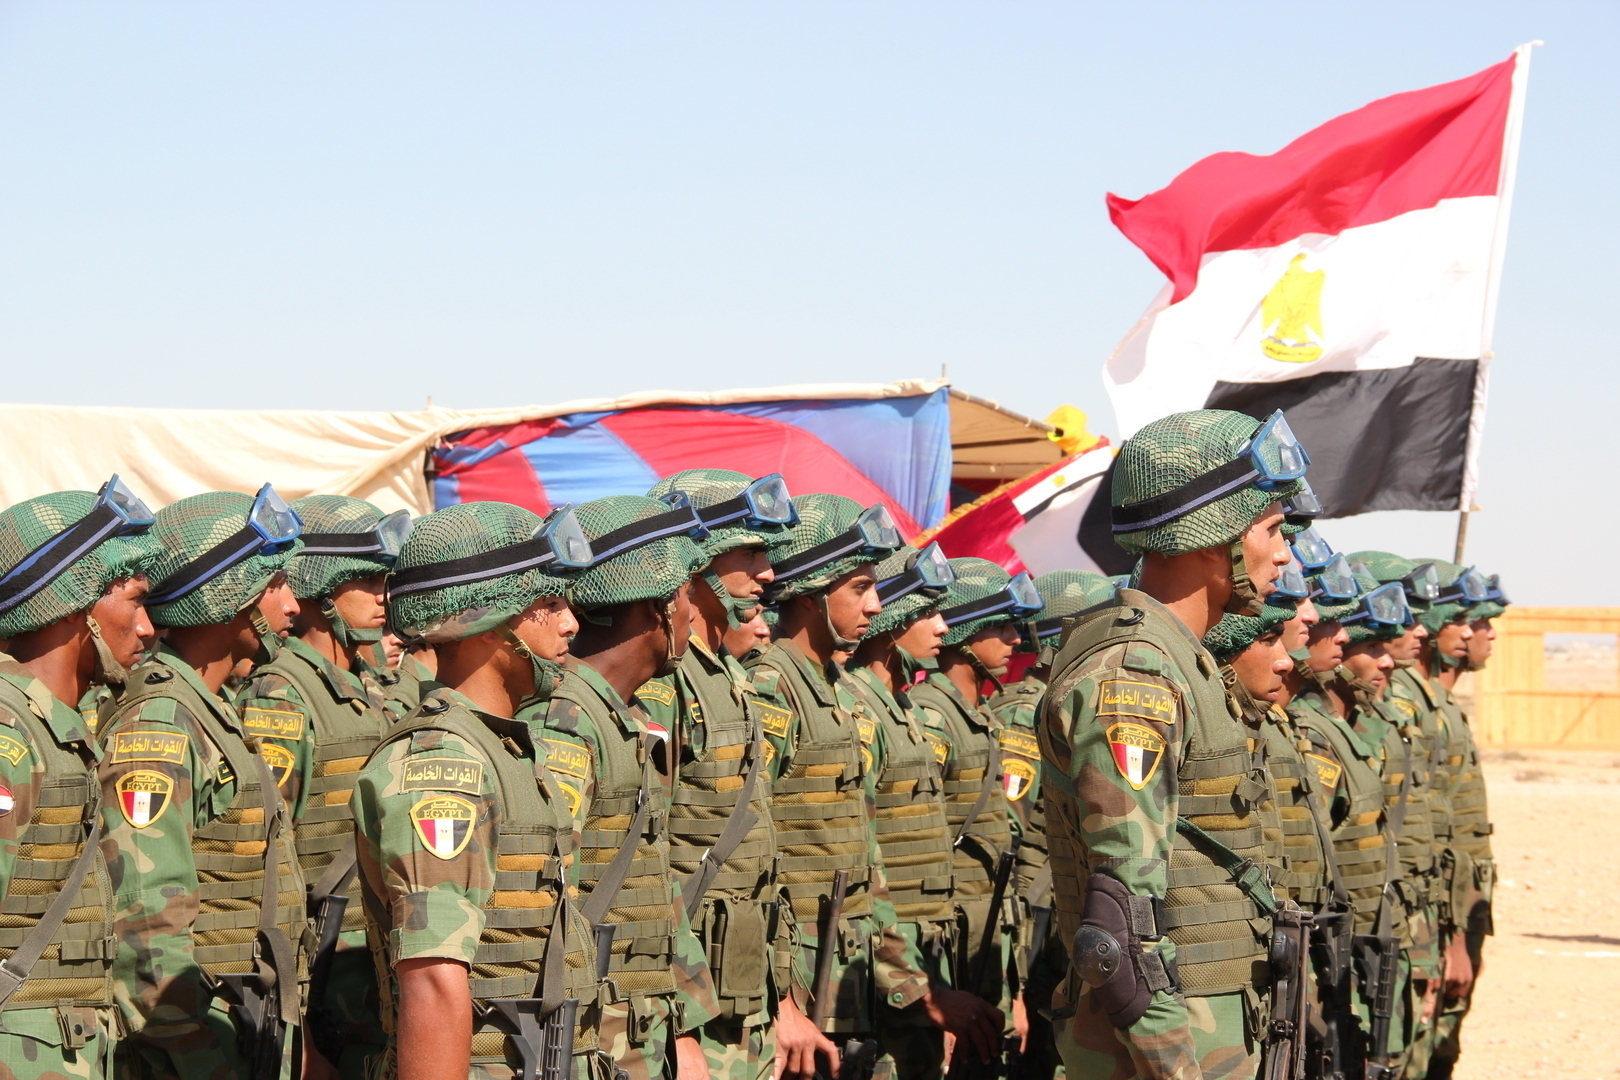 الجيش المصري يطلق مناورات عسكرية ضخمة